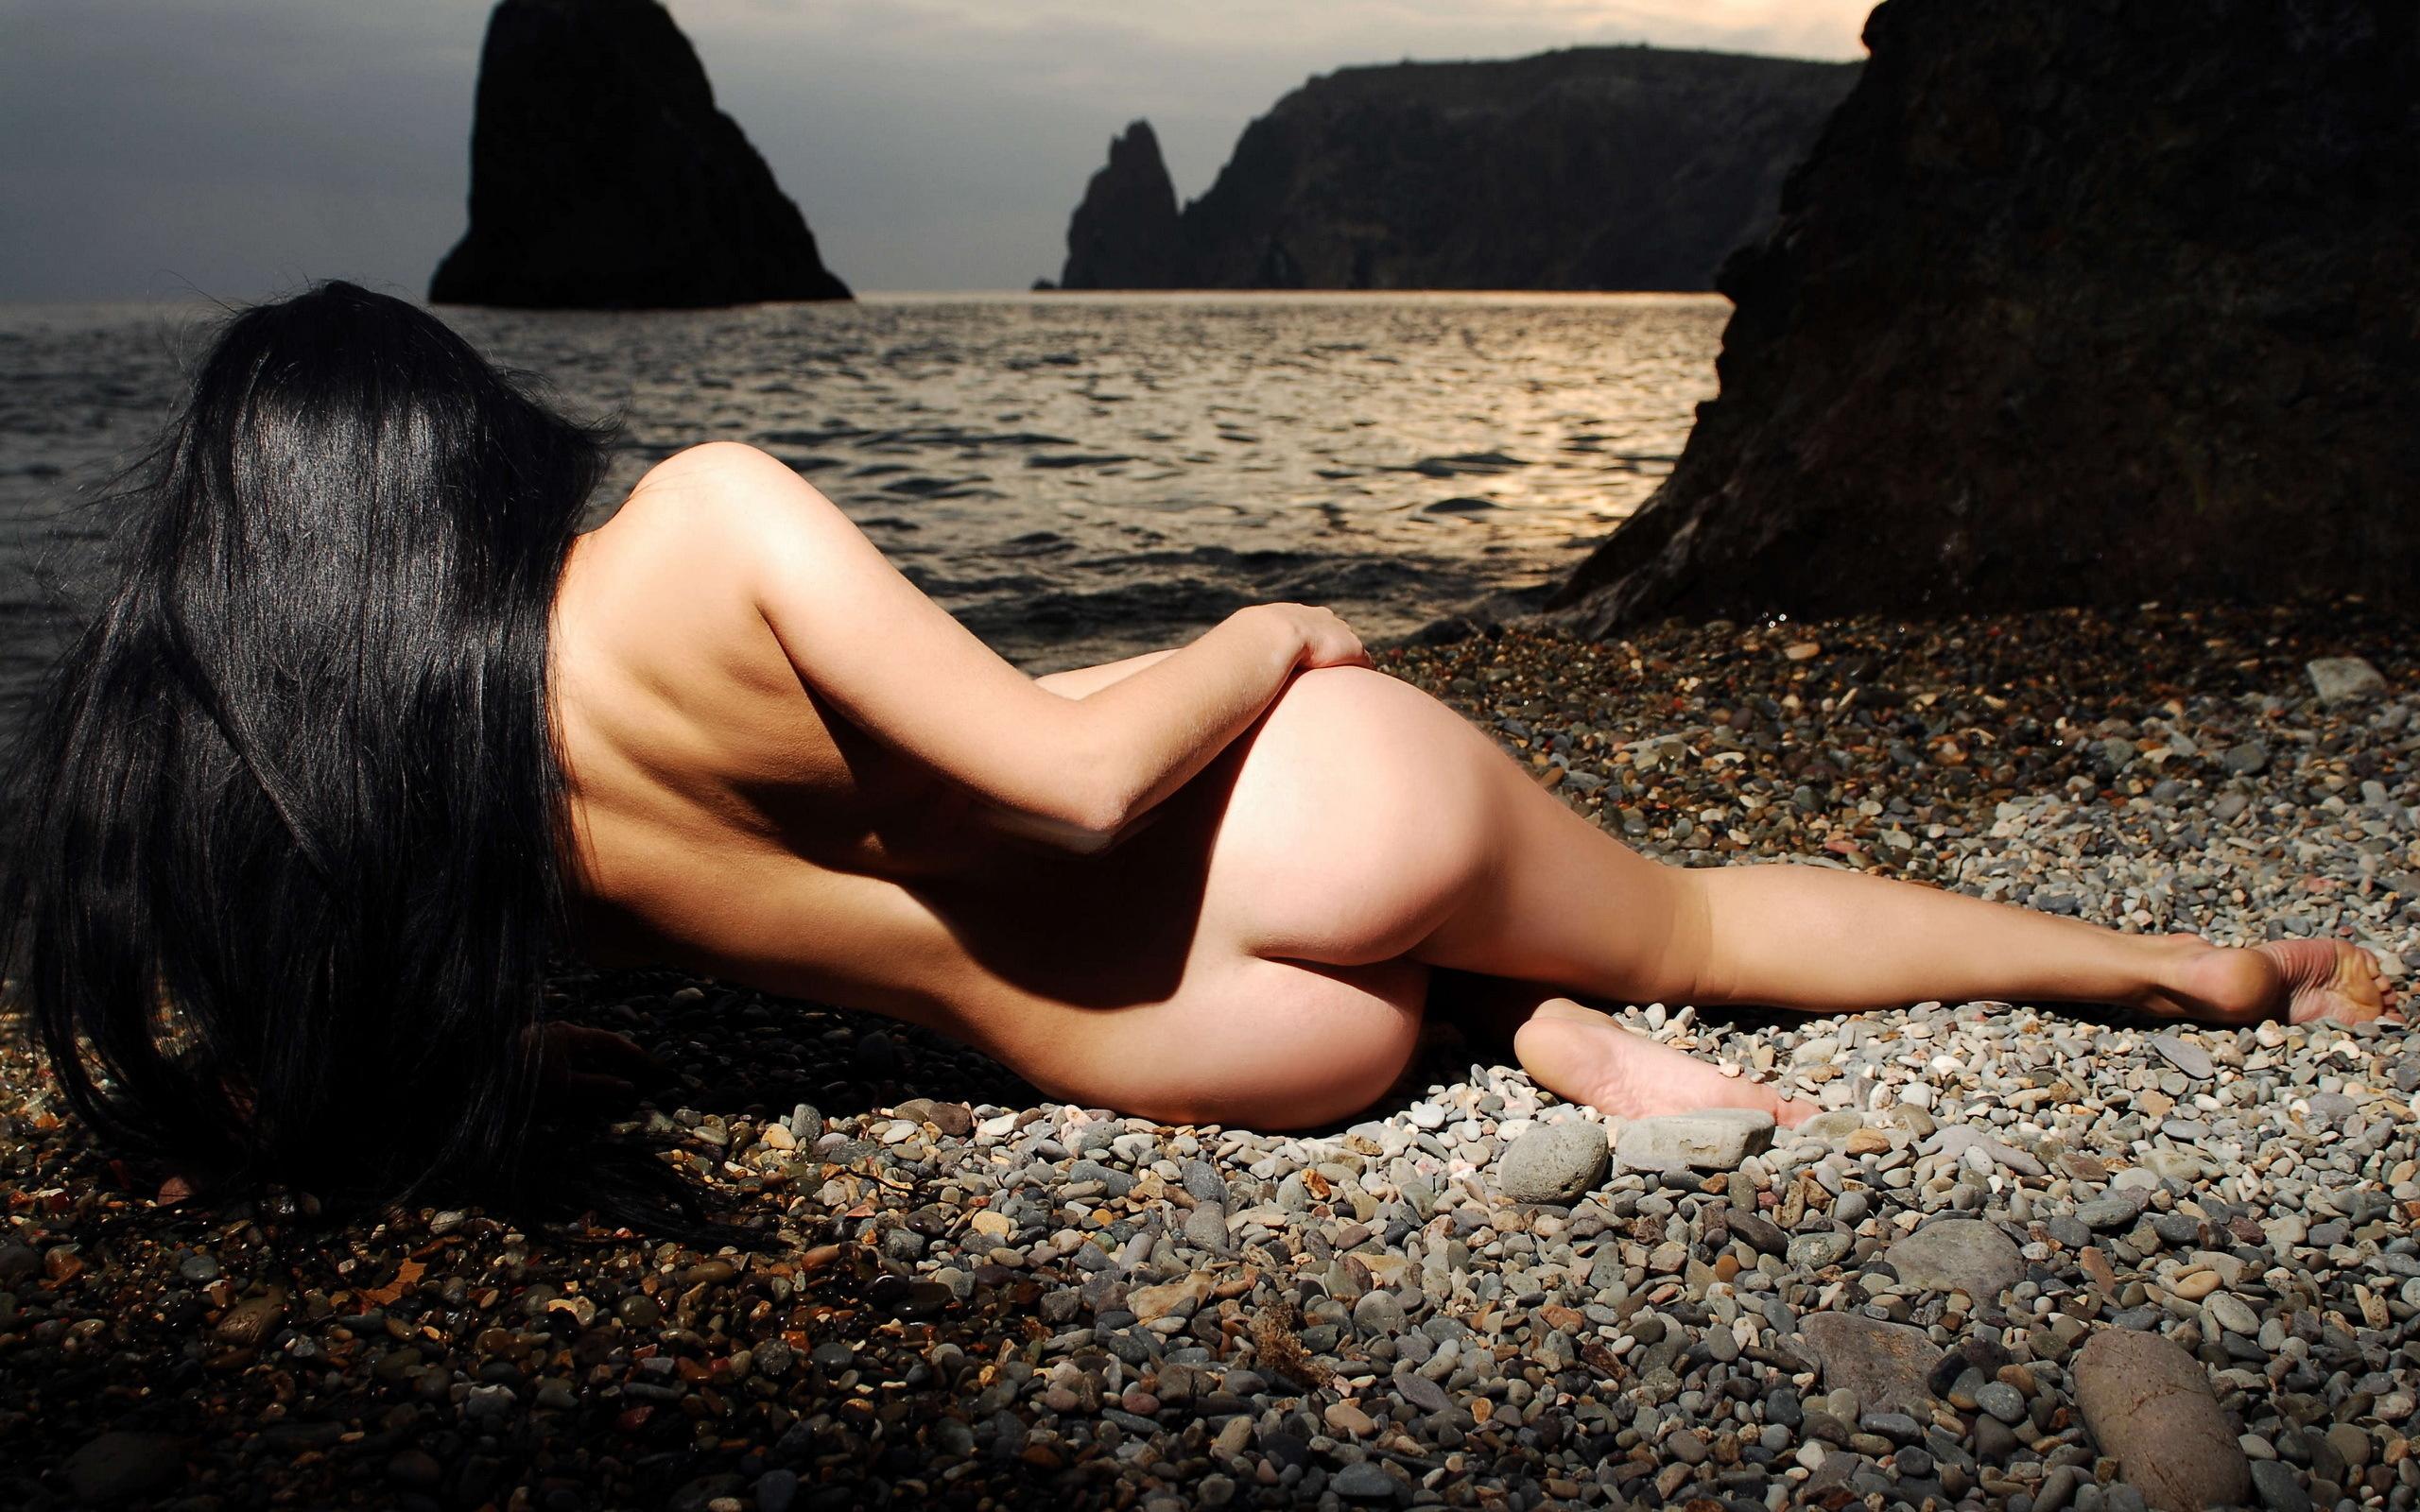 Грудастая модель позирует голой на берегу моря  499587